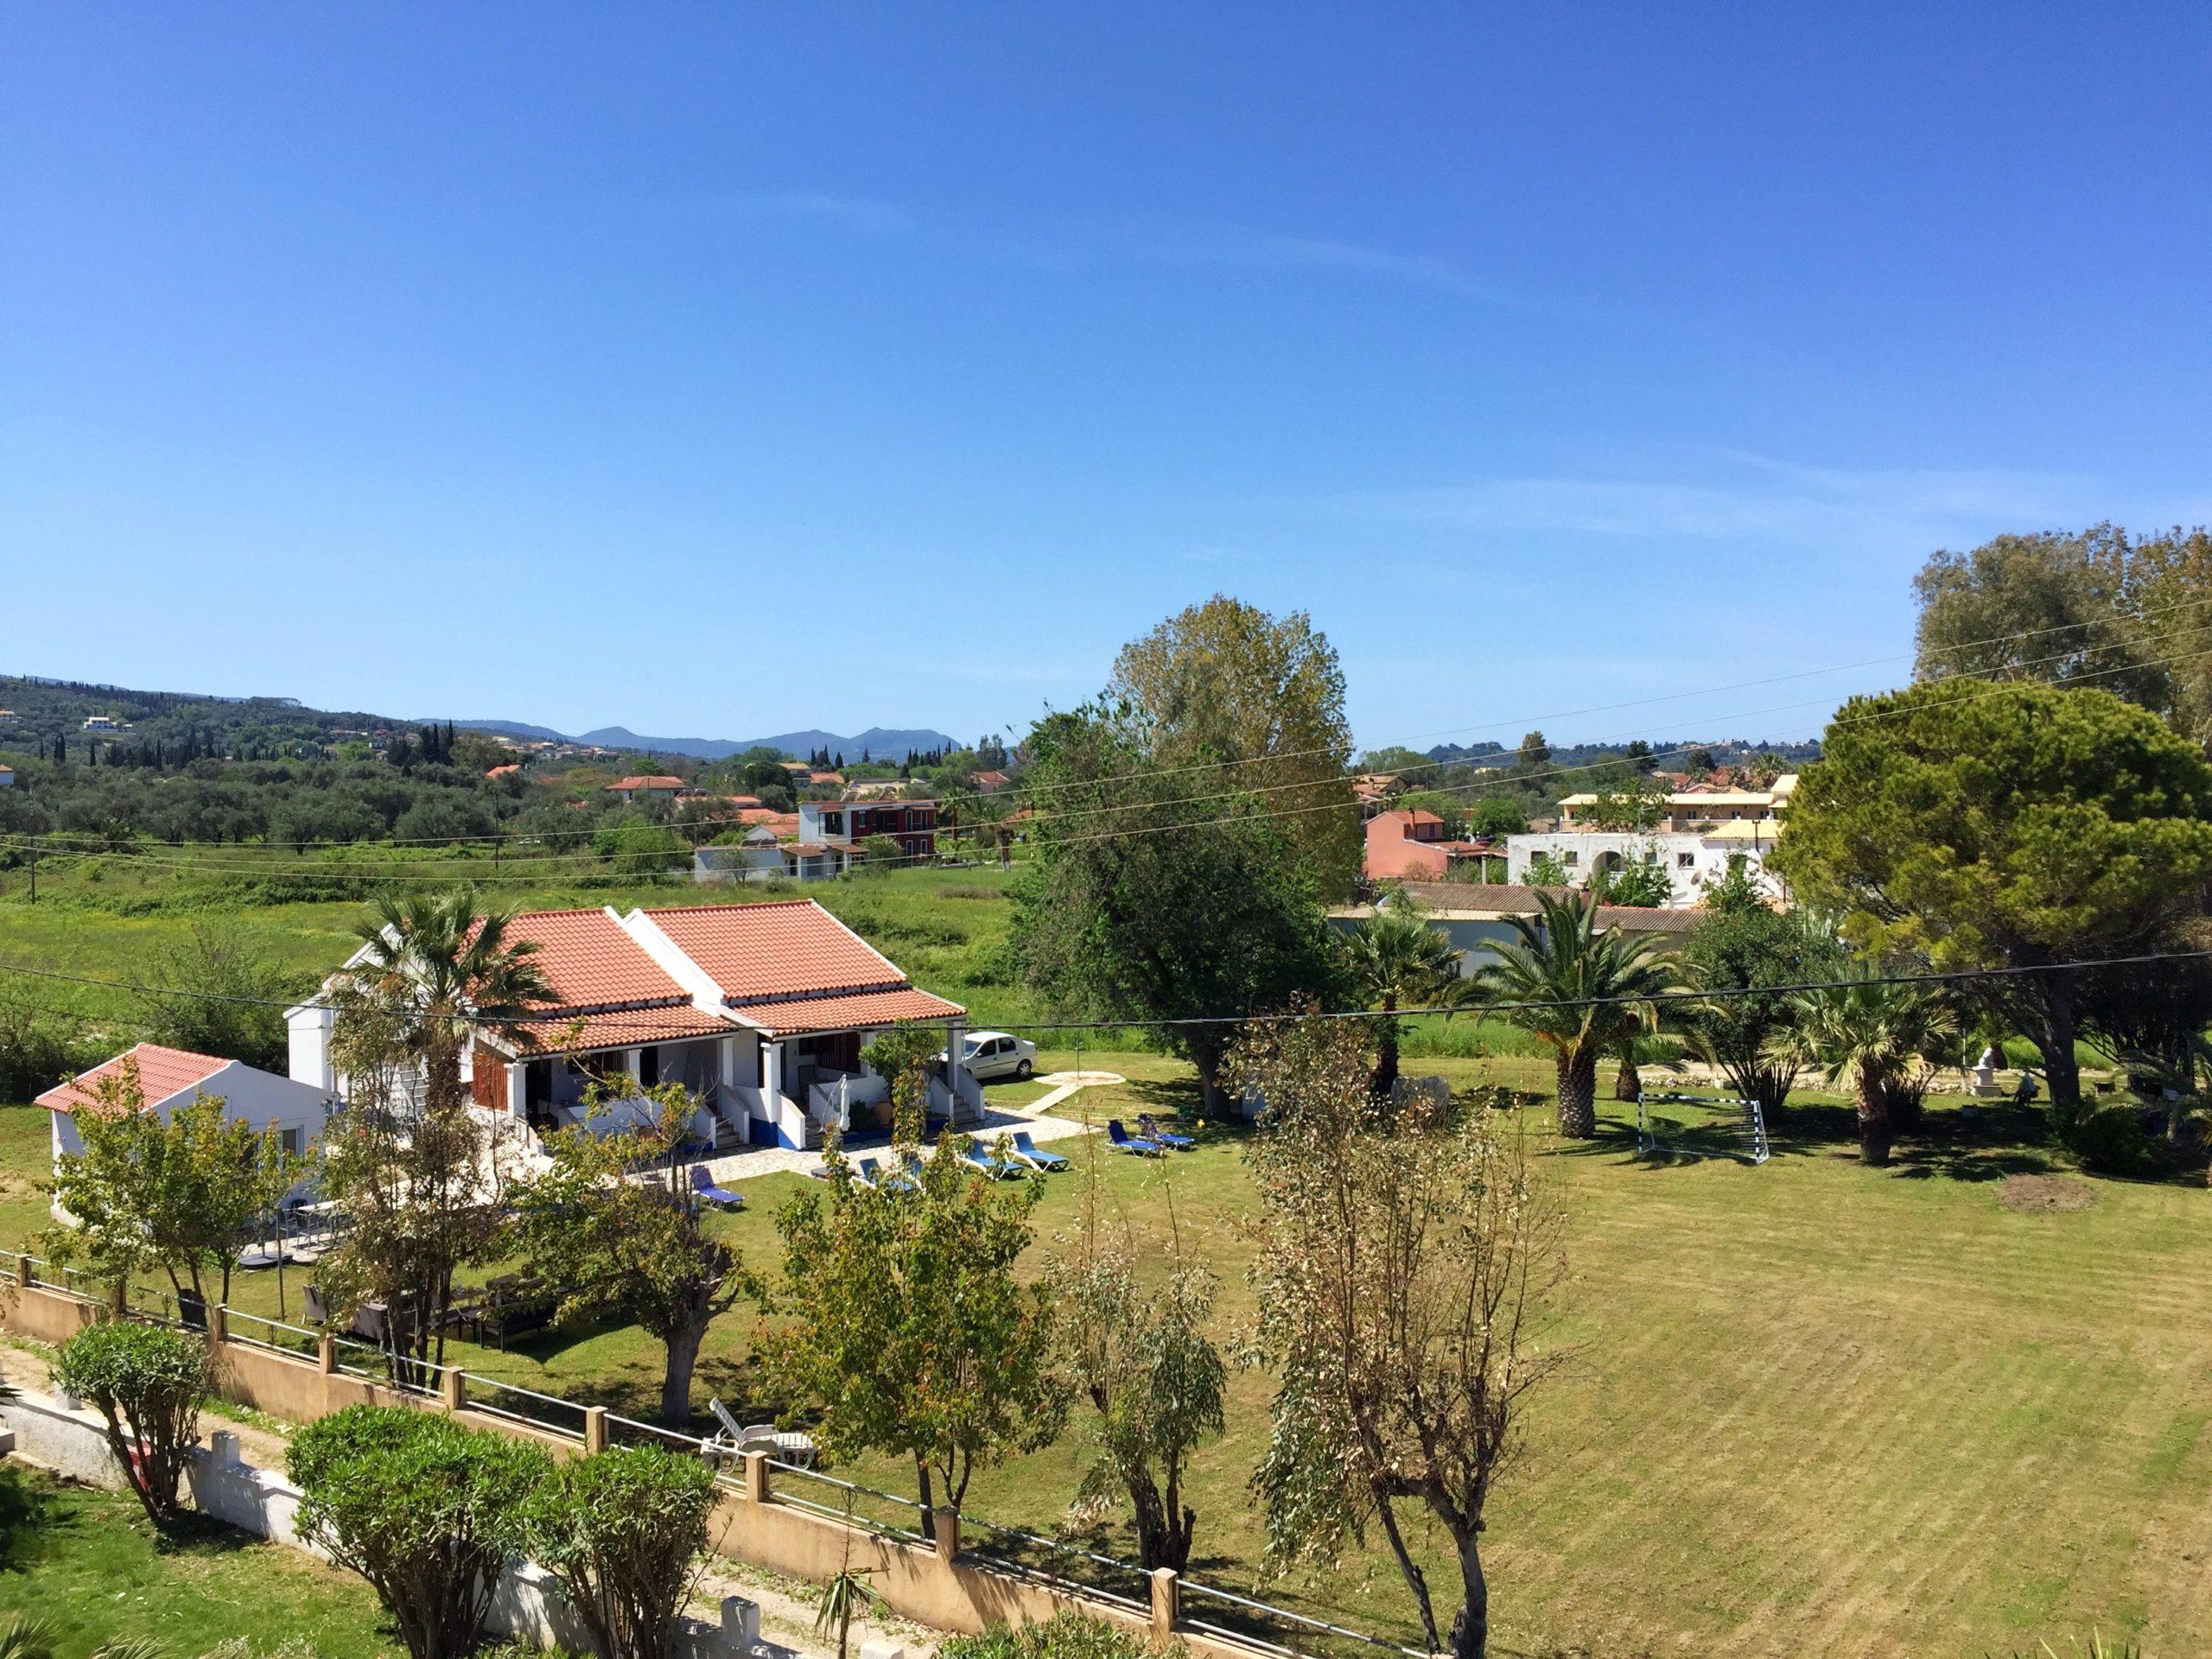 Appartementen Eveline reserveren voor een vakantie in Roda op Corfu.